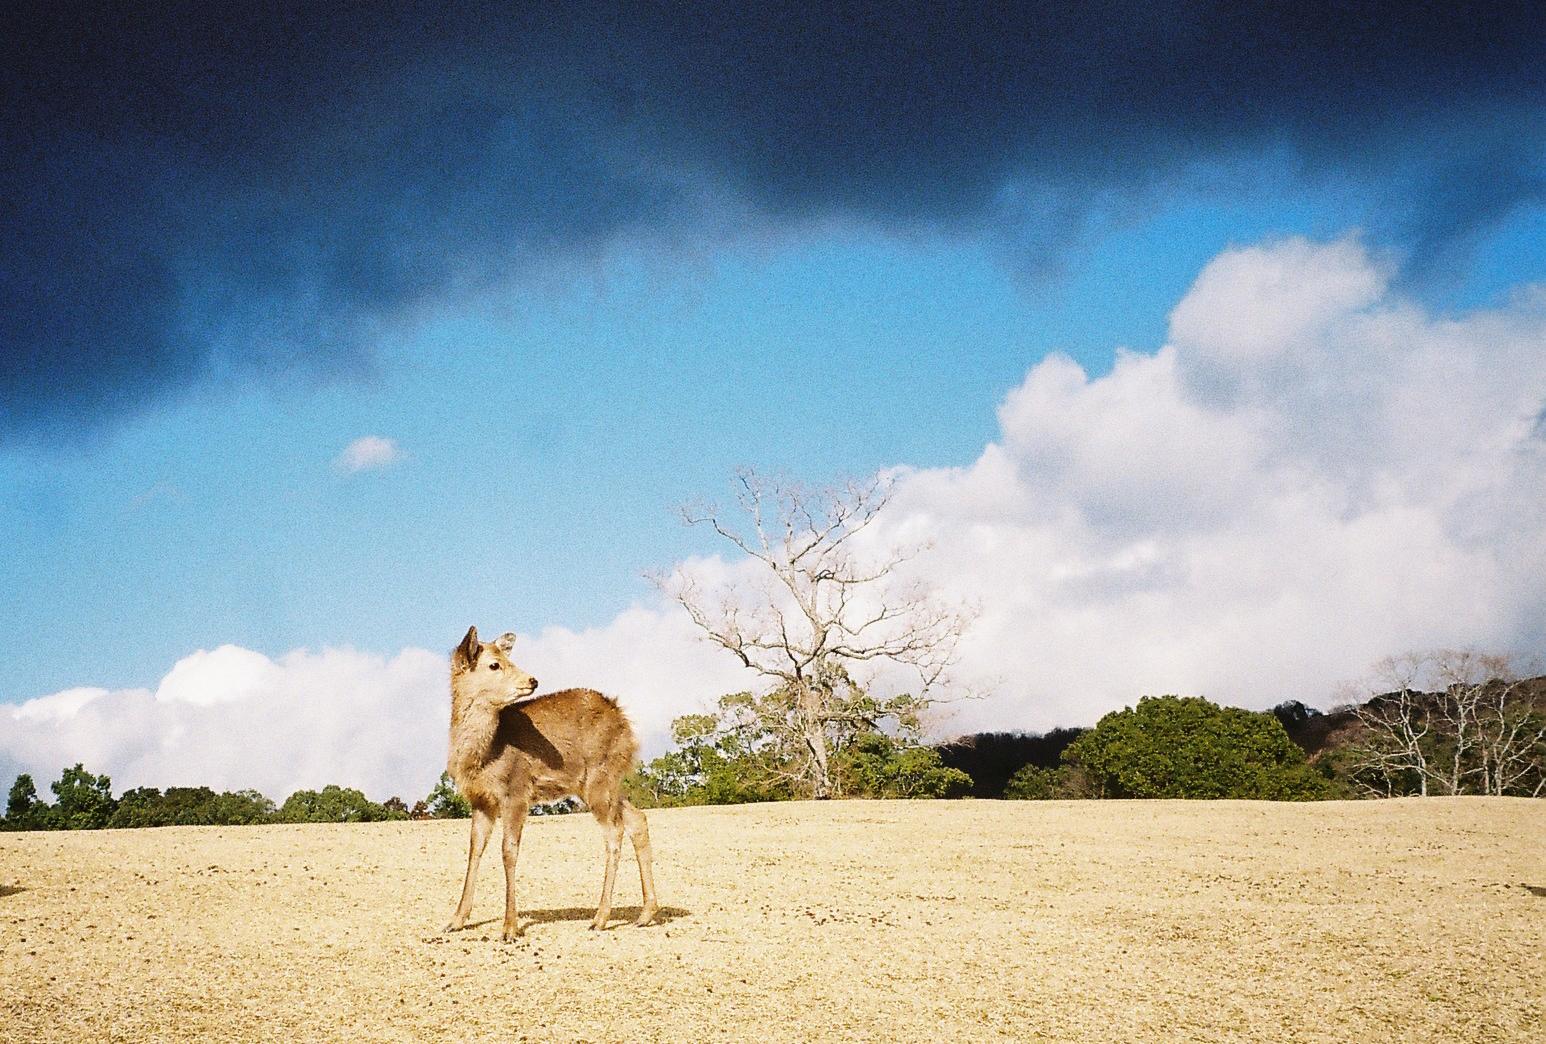 Nara, Japan, 35 mm kodak